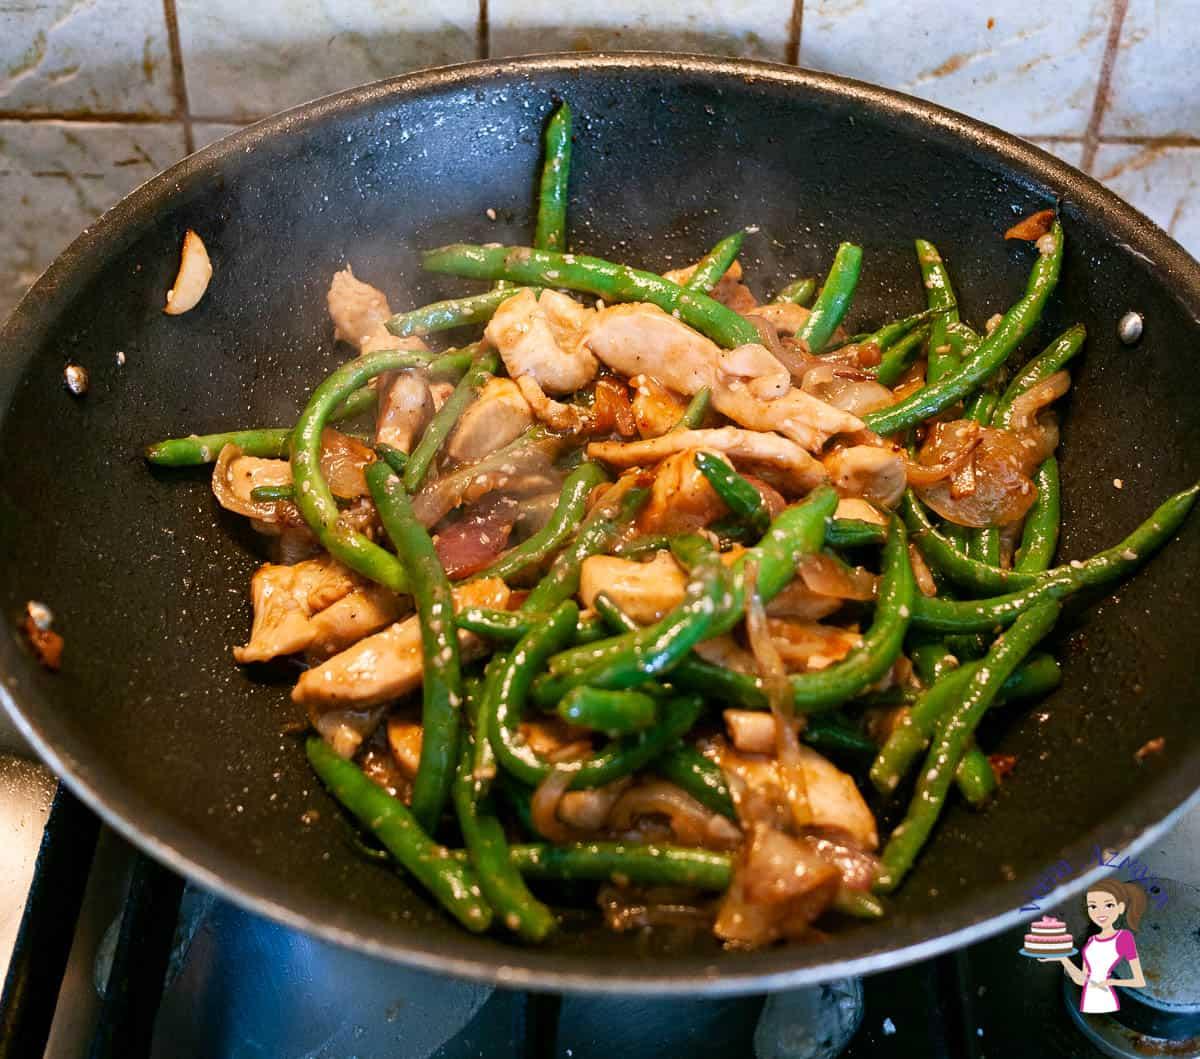 A wok with stir fry